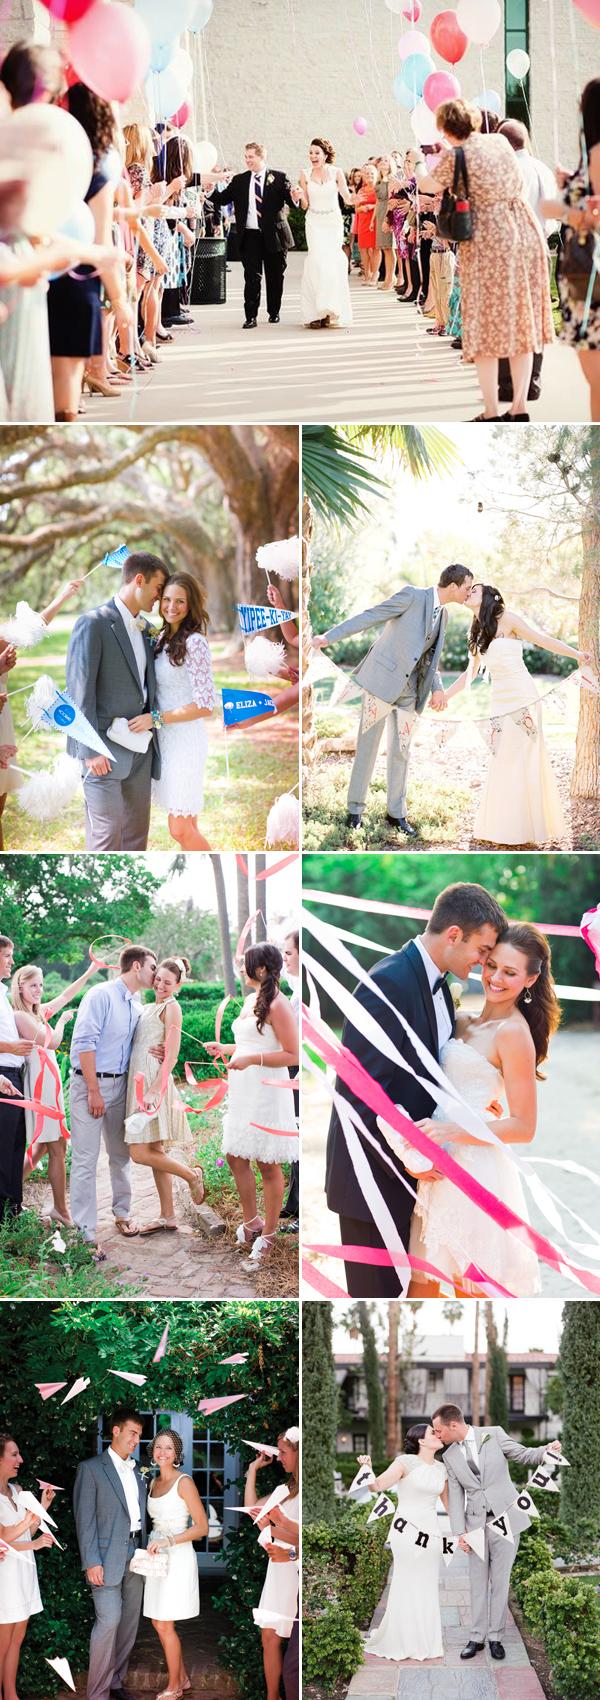 wedding-exit03-props